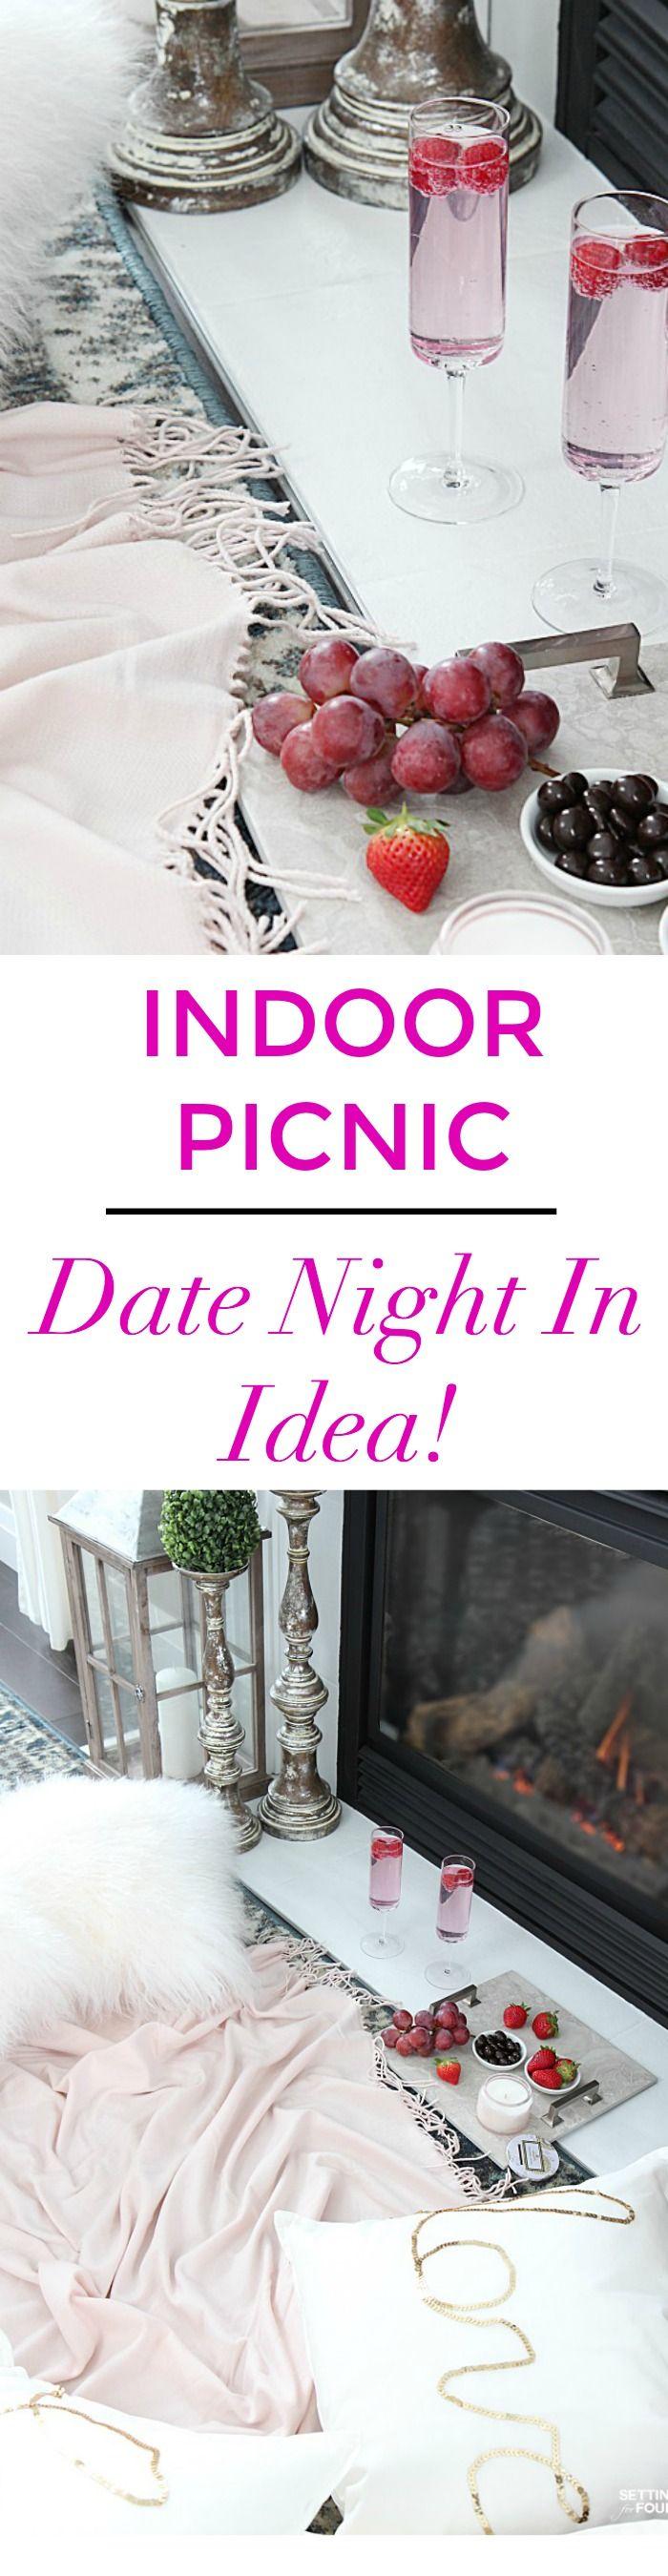 Valentine's day date ideas in Brisbane